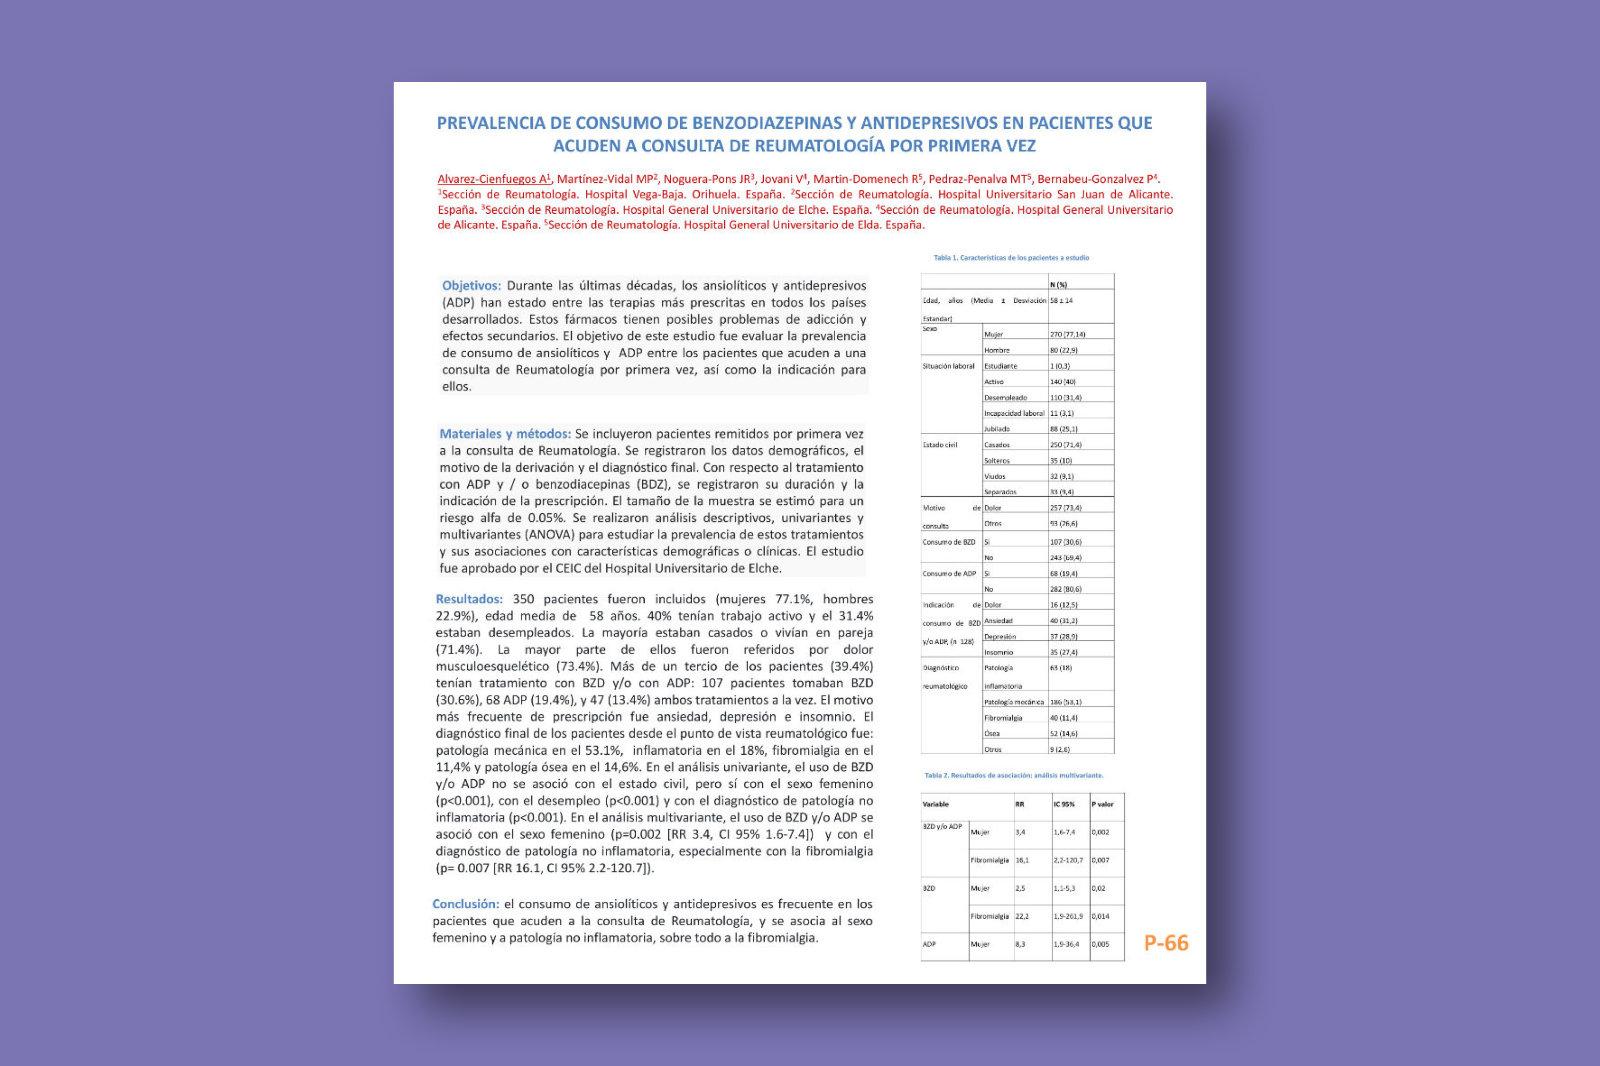 Prevalencia de consumo de benzodiazepinas y antidepresivos en pacientes que acuden a consulta de reumatología por primera vez